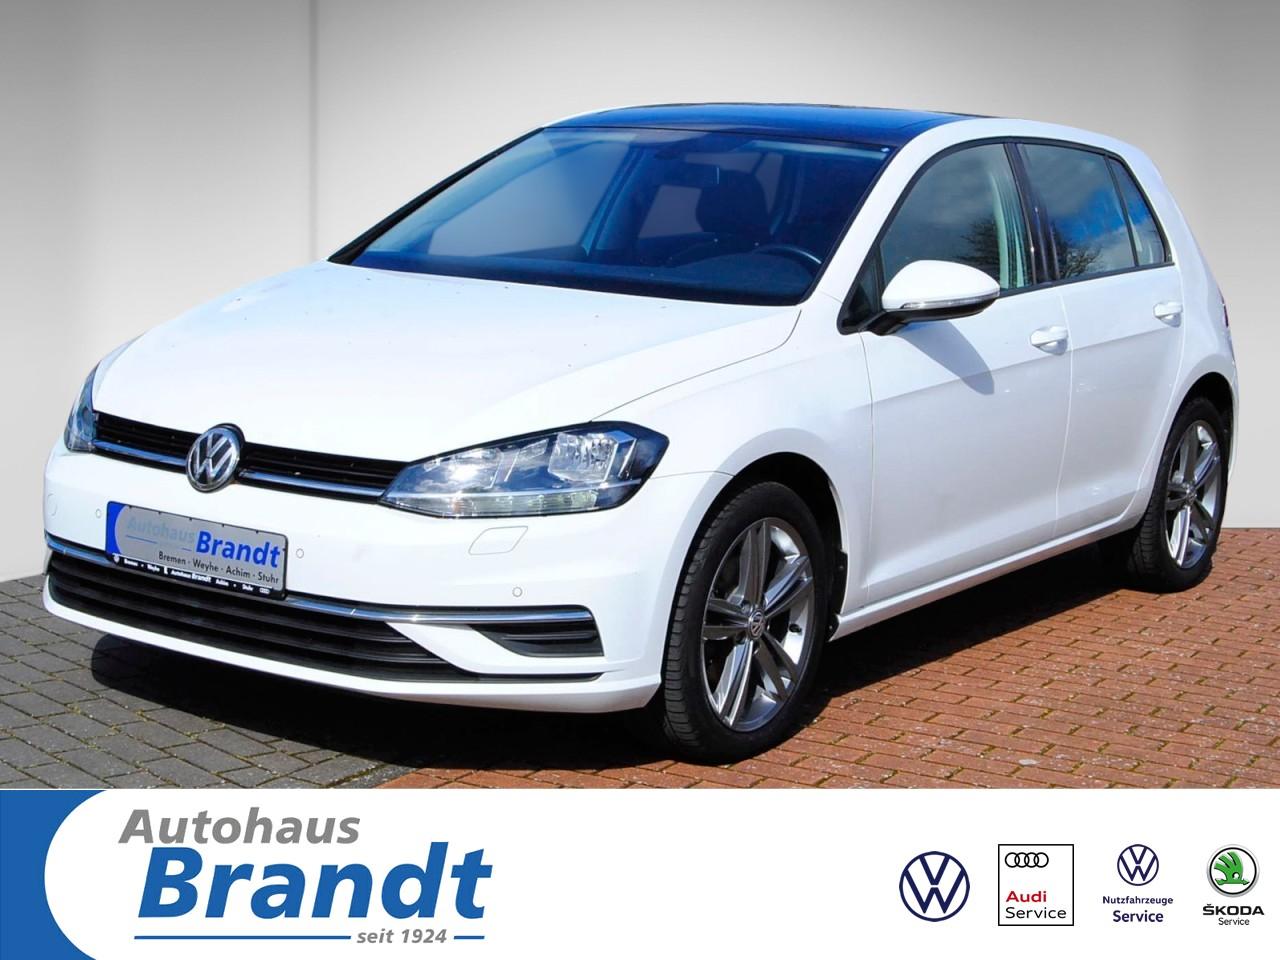 Volkswagen Golf VII 1.6 TDI DSG*NAVI*ACC*LEDER*PANO*CLIMATR*SHZ, Jahr 2017, Diesel